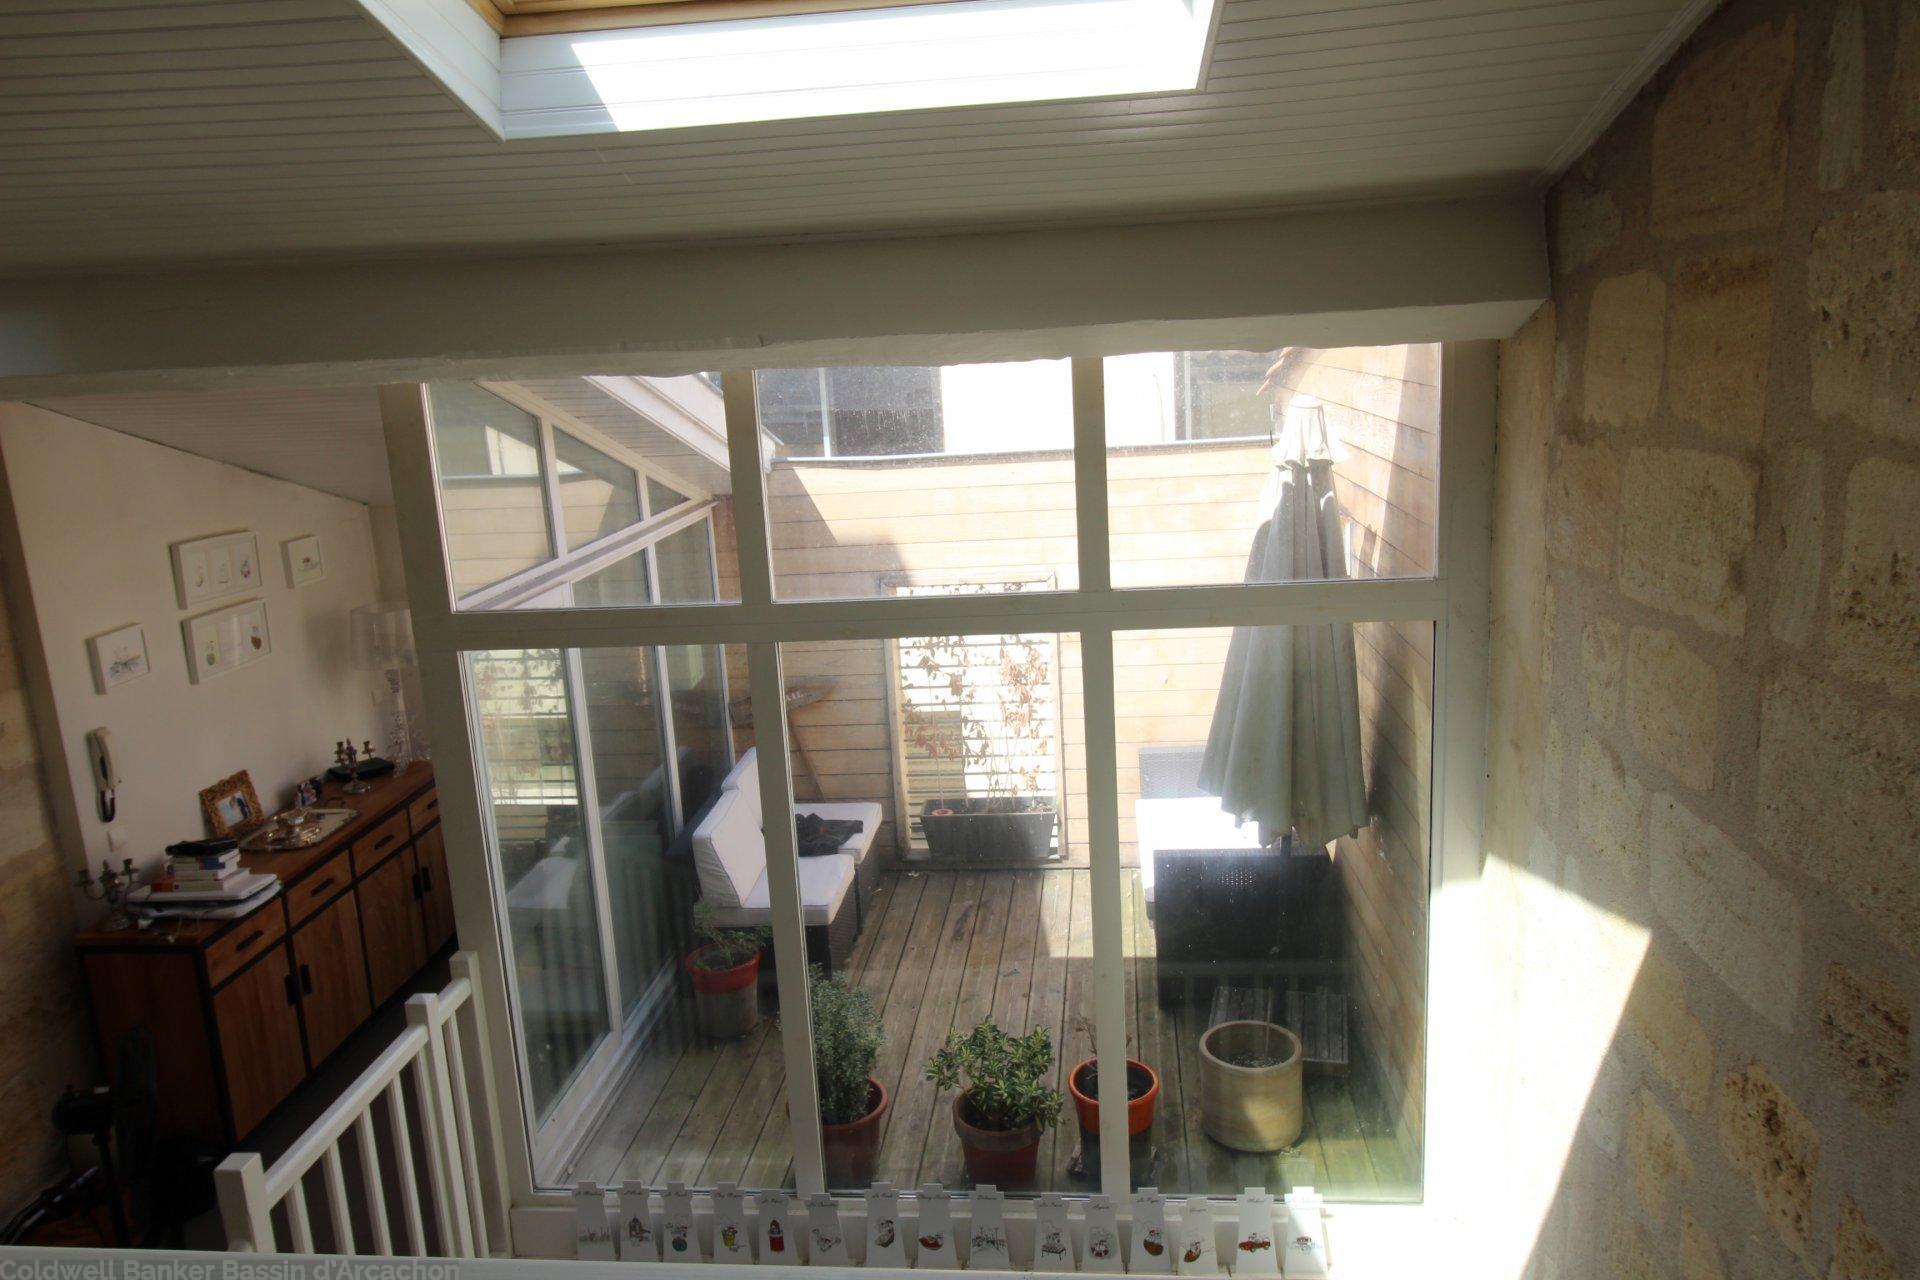 maison de ville avec terrasses et patio vendre bordeaux hyper centre coldwell banker. Black Bedroom Furniture Sets. Home Design Ideas